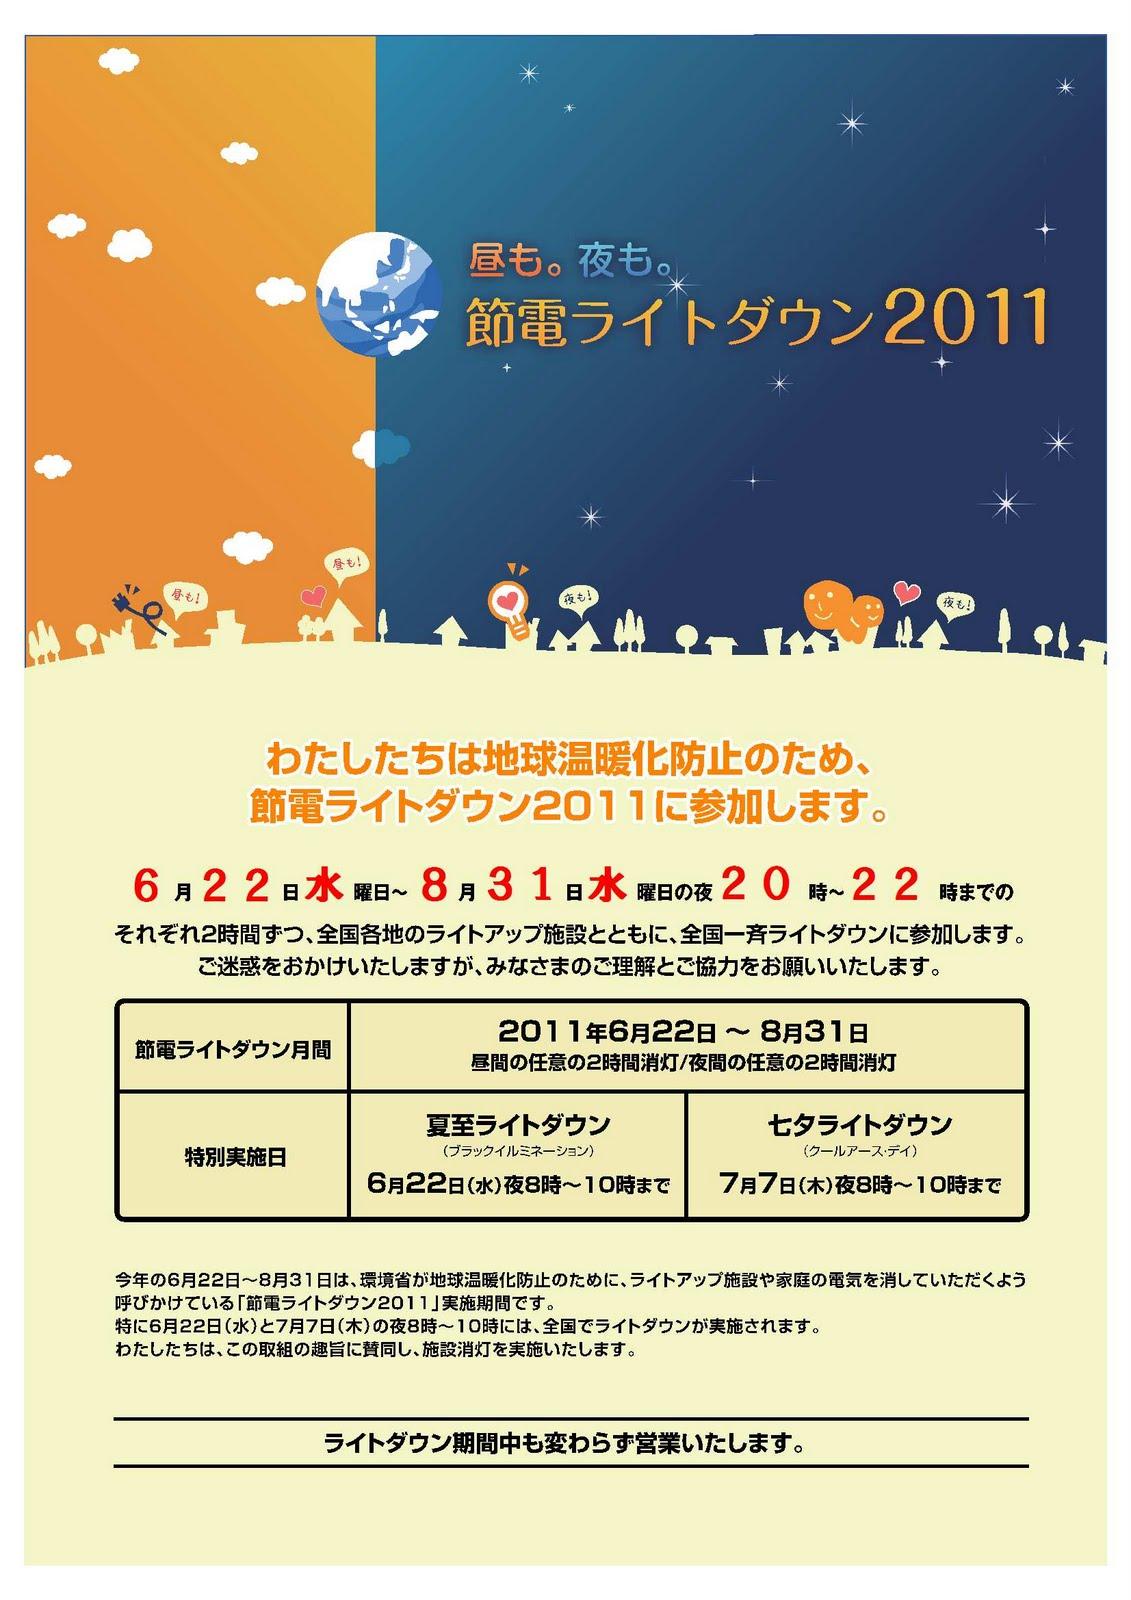 夏の節電ライトダウンへ参加します!